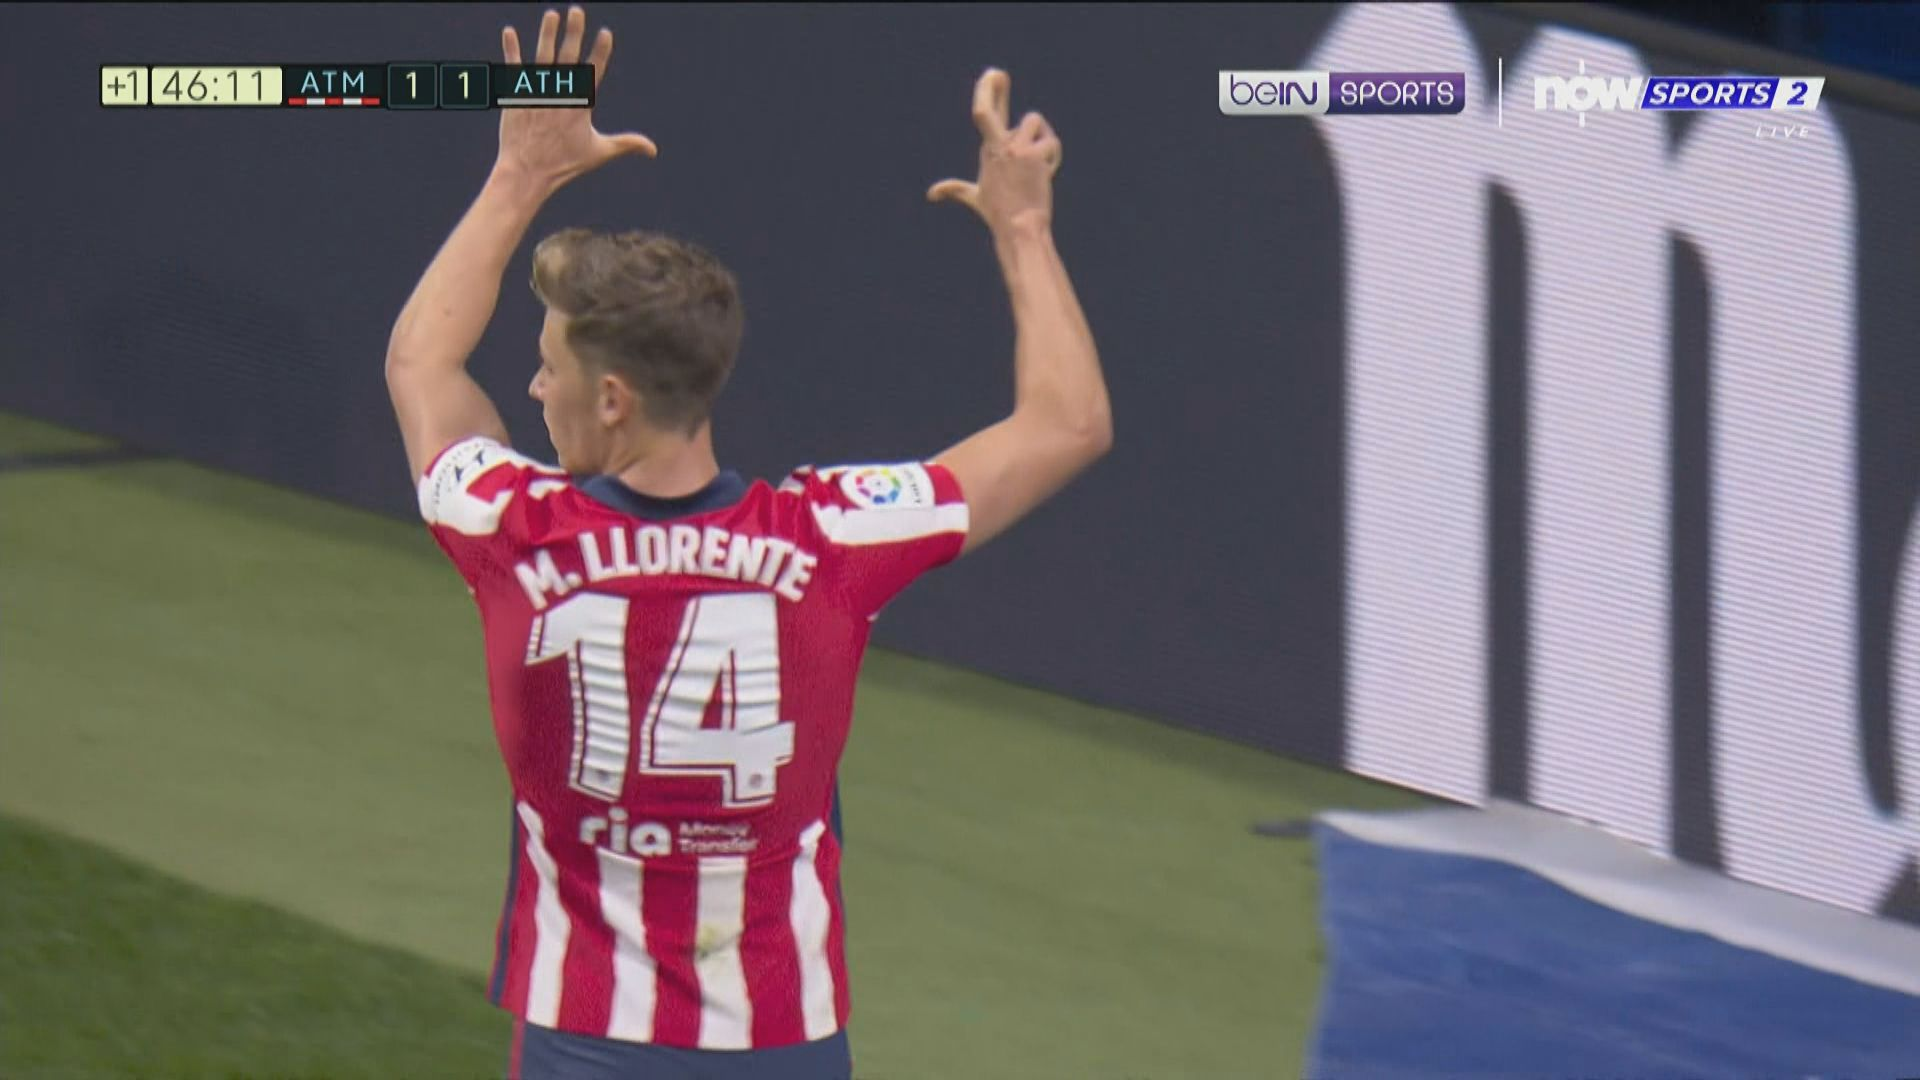 西甲 馬德里體育會2:1畢爾包